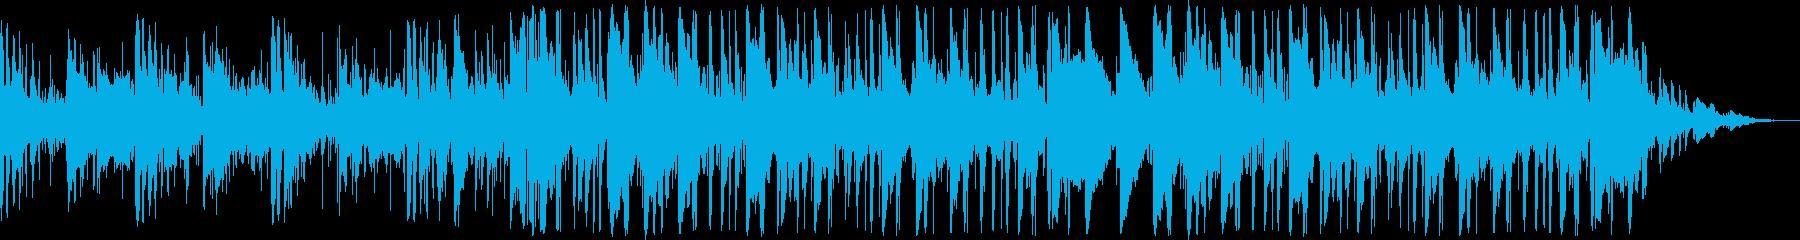 アコギ ディレイビート lo-fiの再生済みの波形